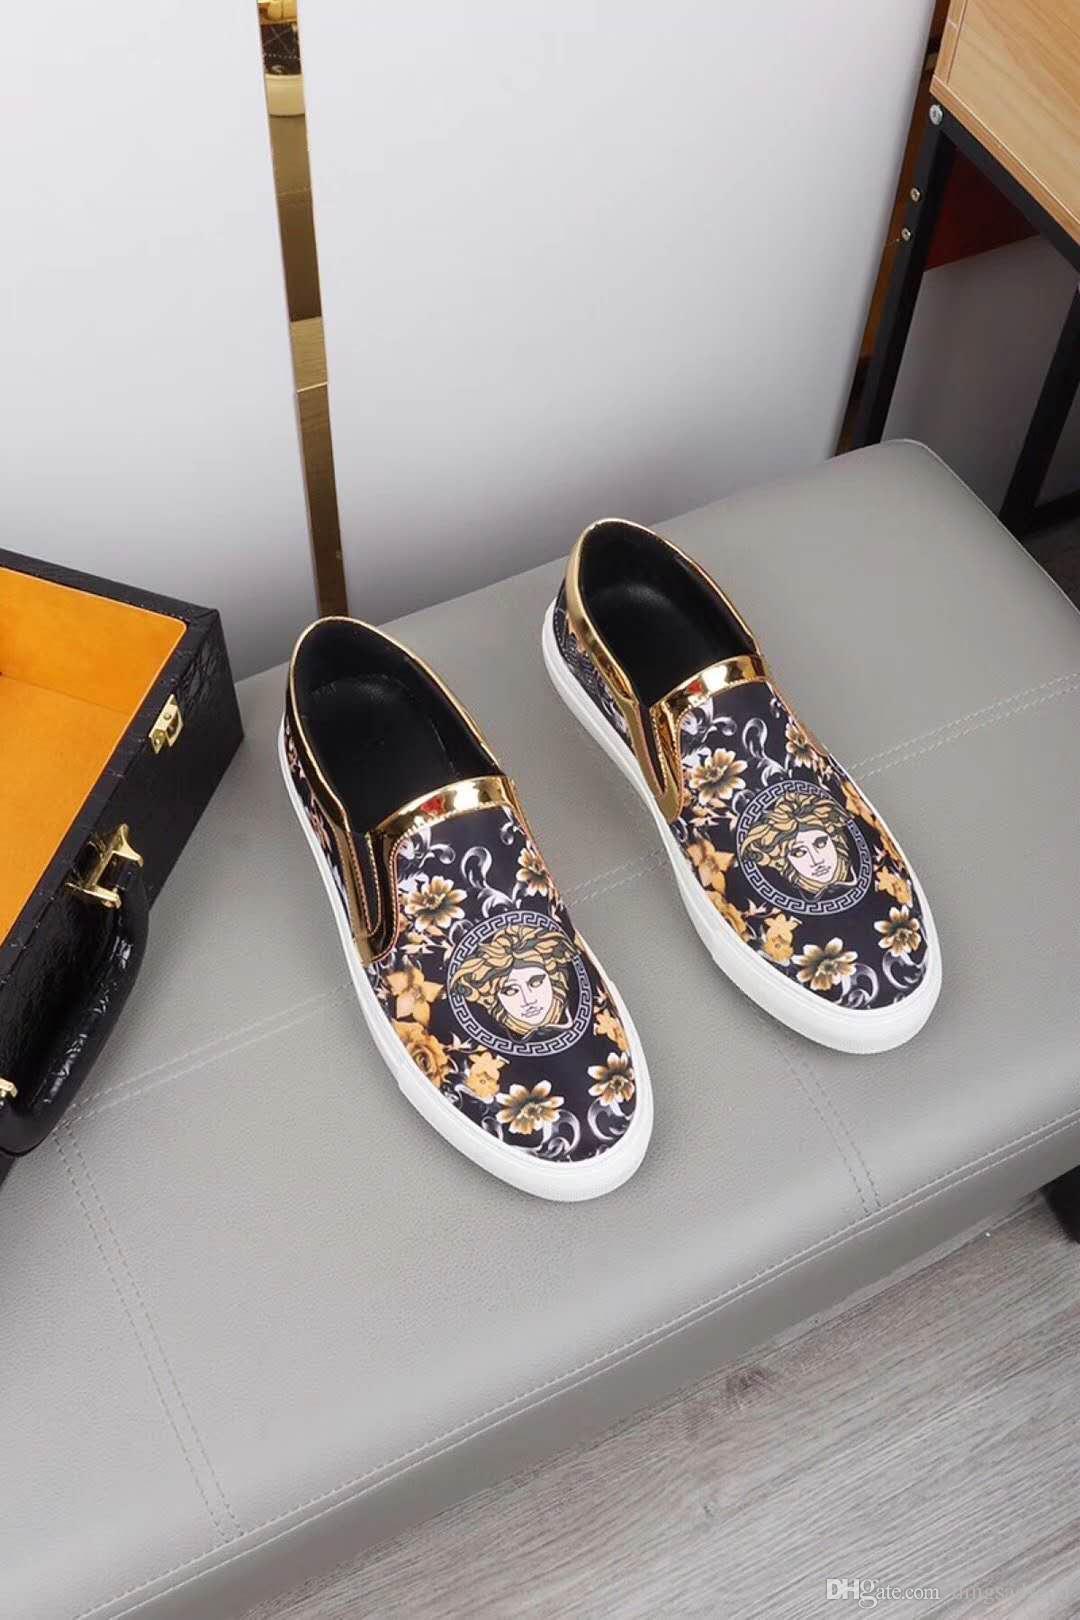 Bir pedal tembel gençlik nakış erkek ayakkabıları vahşi gelgit 38-44 HY31 2020 avrupa istasyon gelgit erkekler rahat ayakkabılar Kore versiyonu